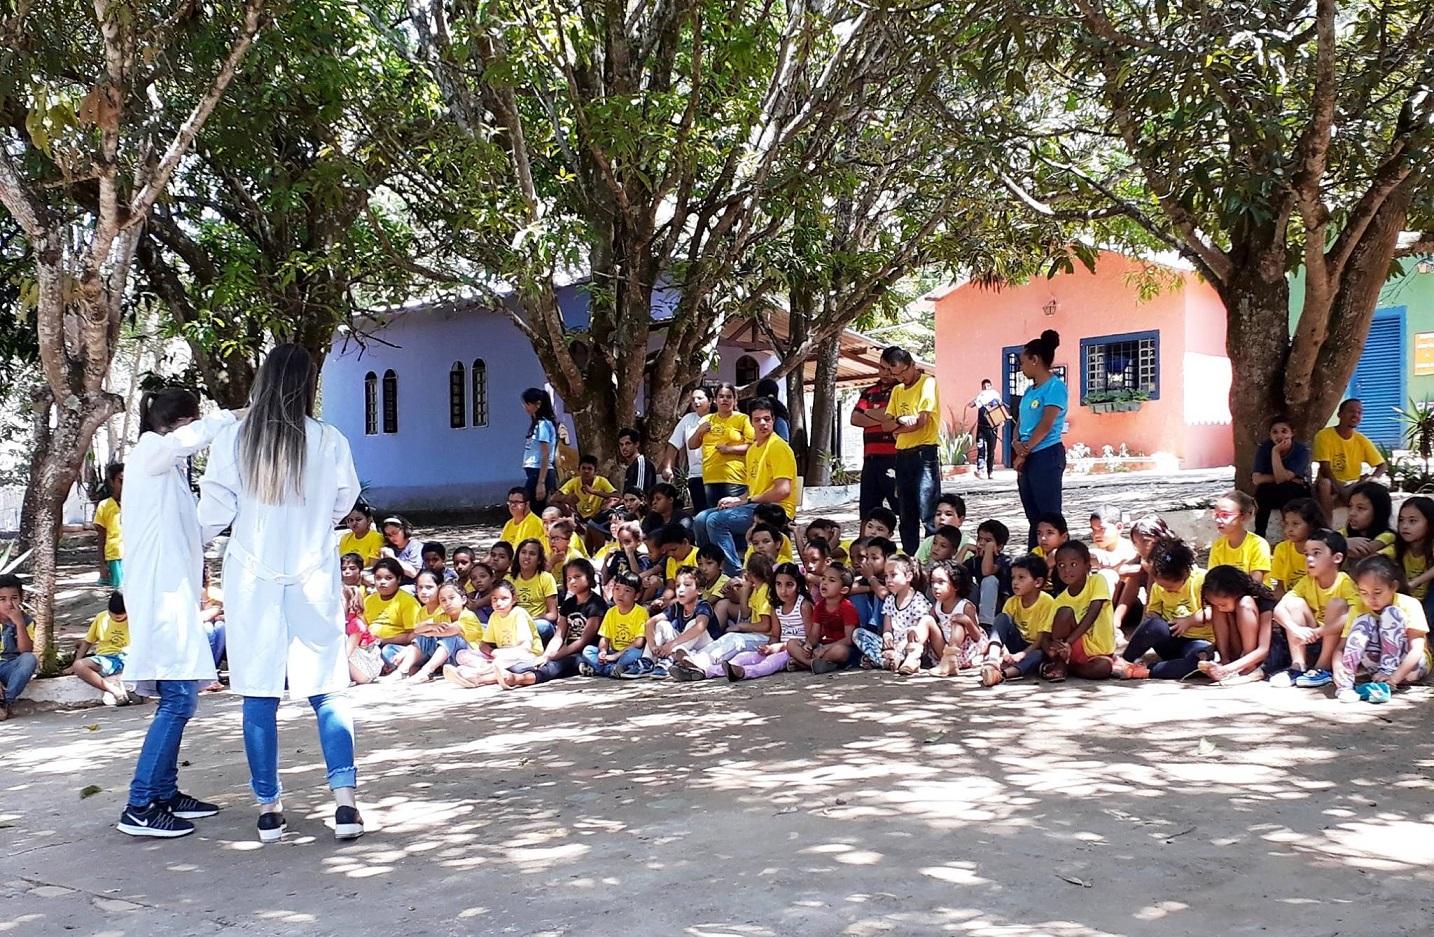 Escola tem formato de vila e salas coloridas para mostrar que as diferenças criam harmonia. Foto Divulgação